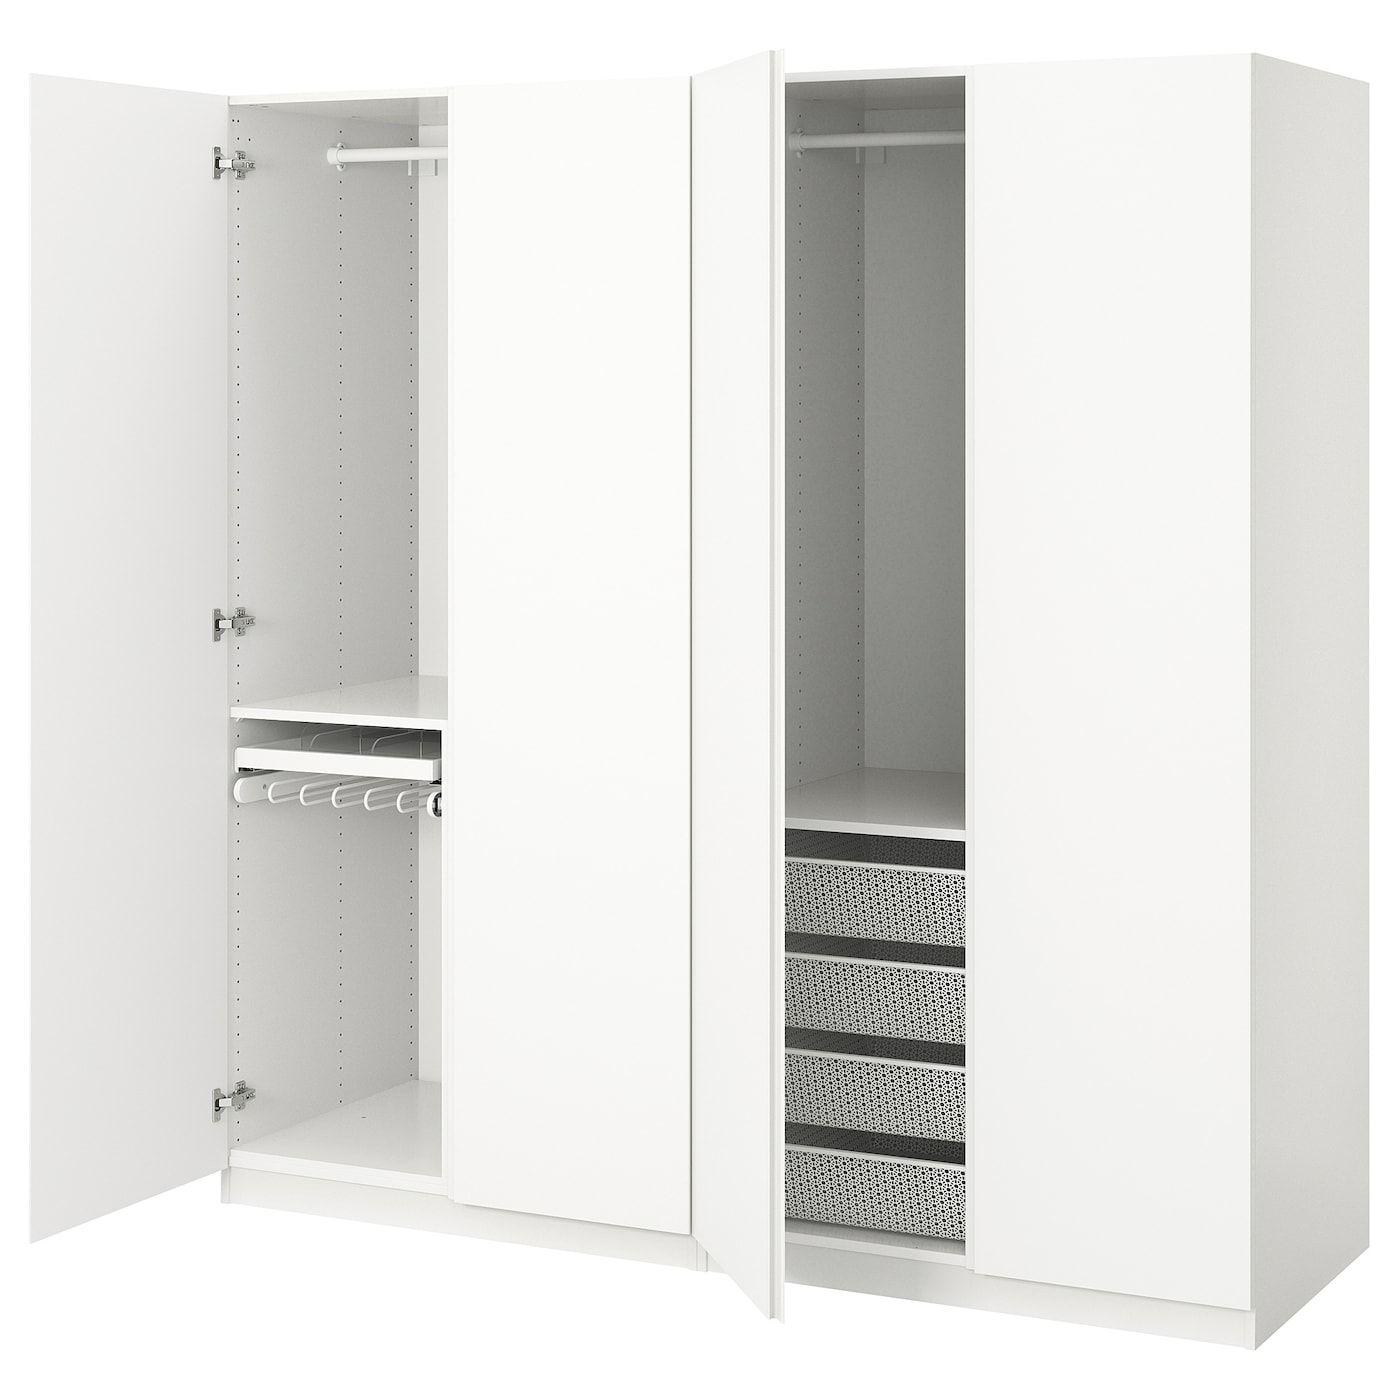 Wardrobe White Vikanes White 78 3 4x23 5 8x79 1 4 Pax